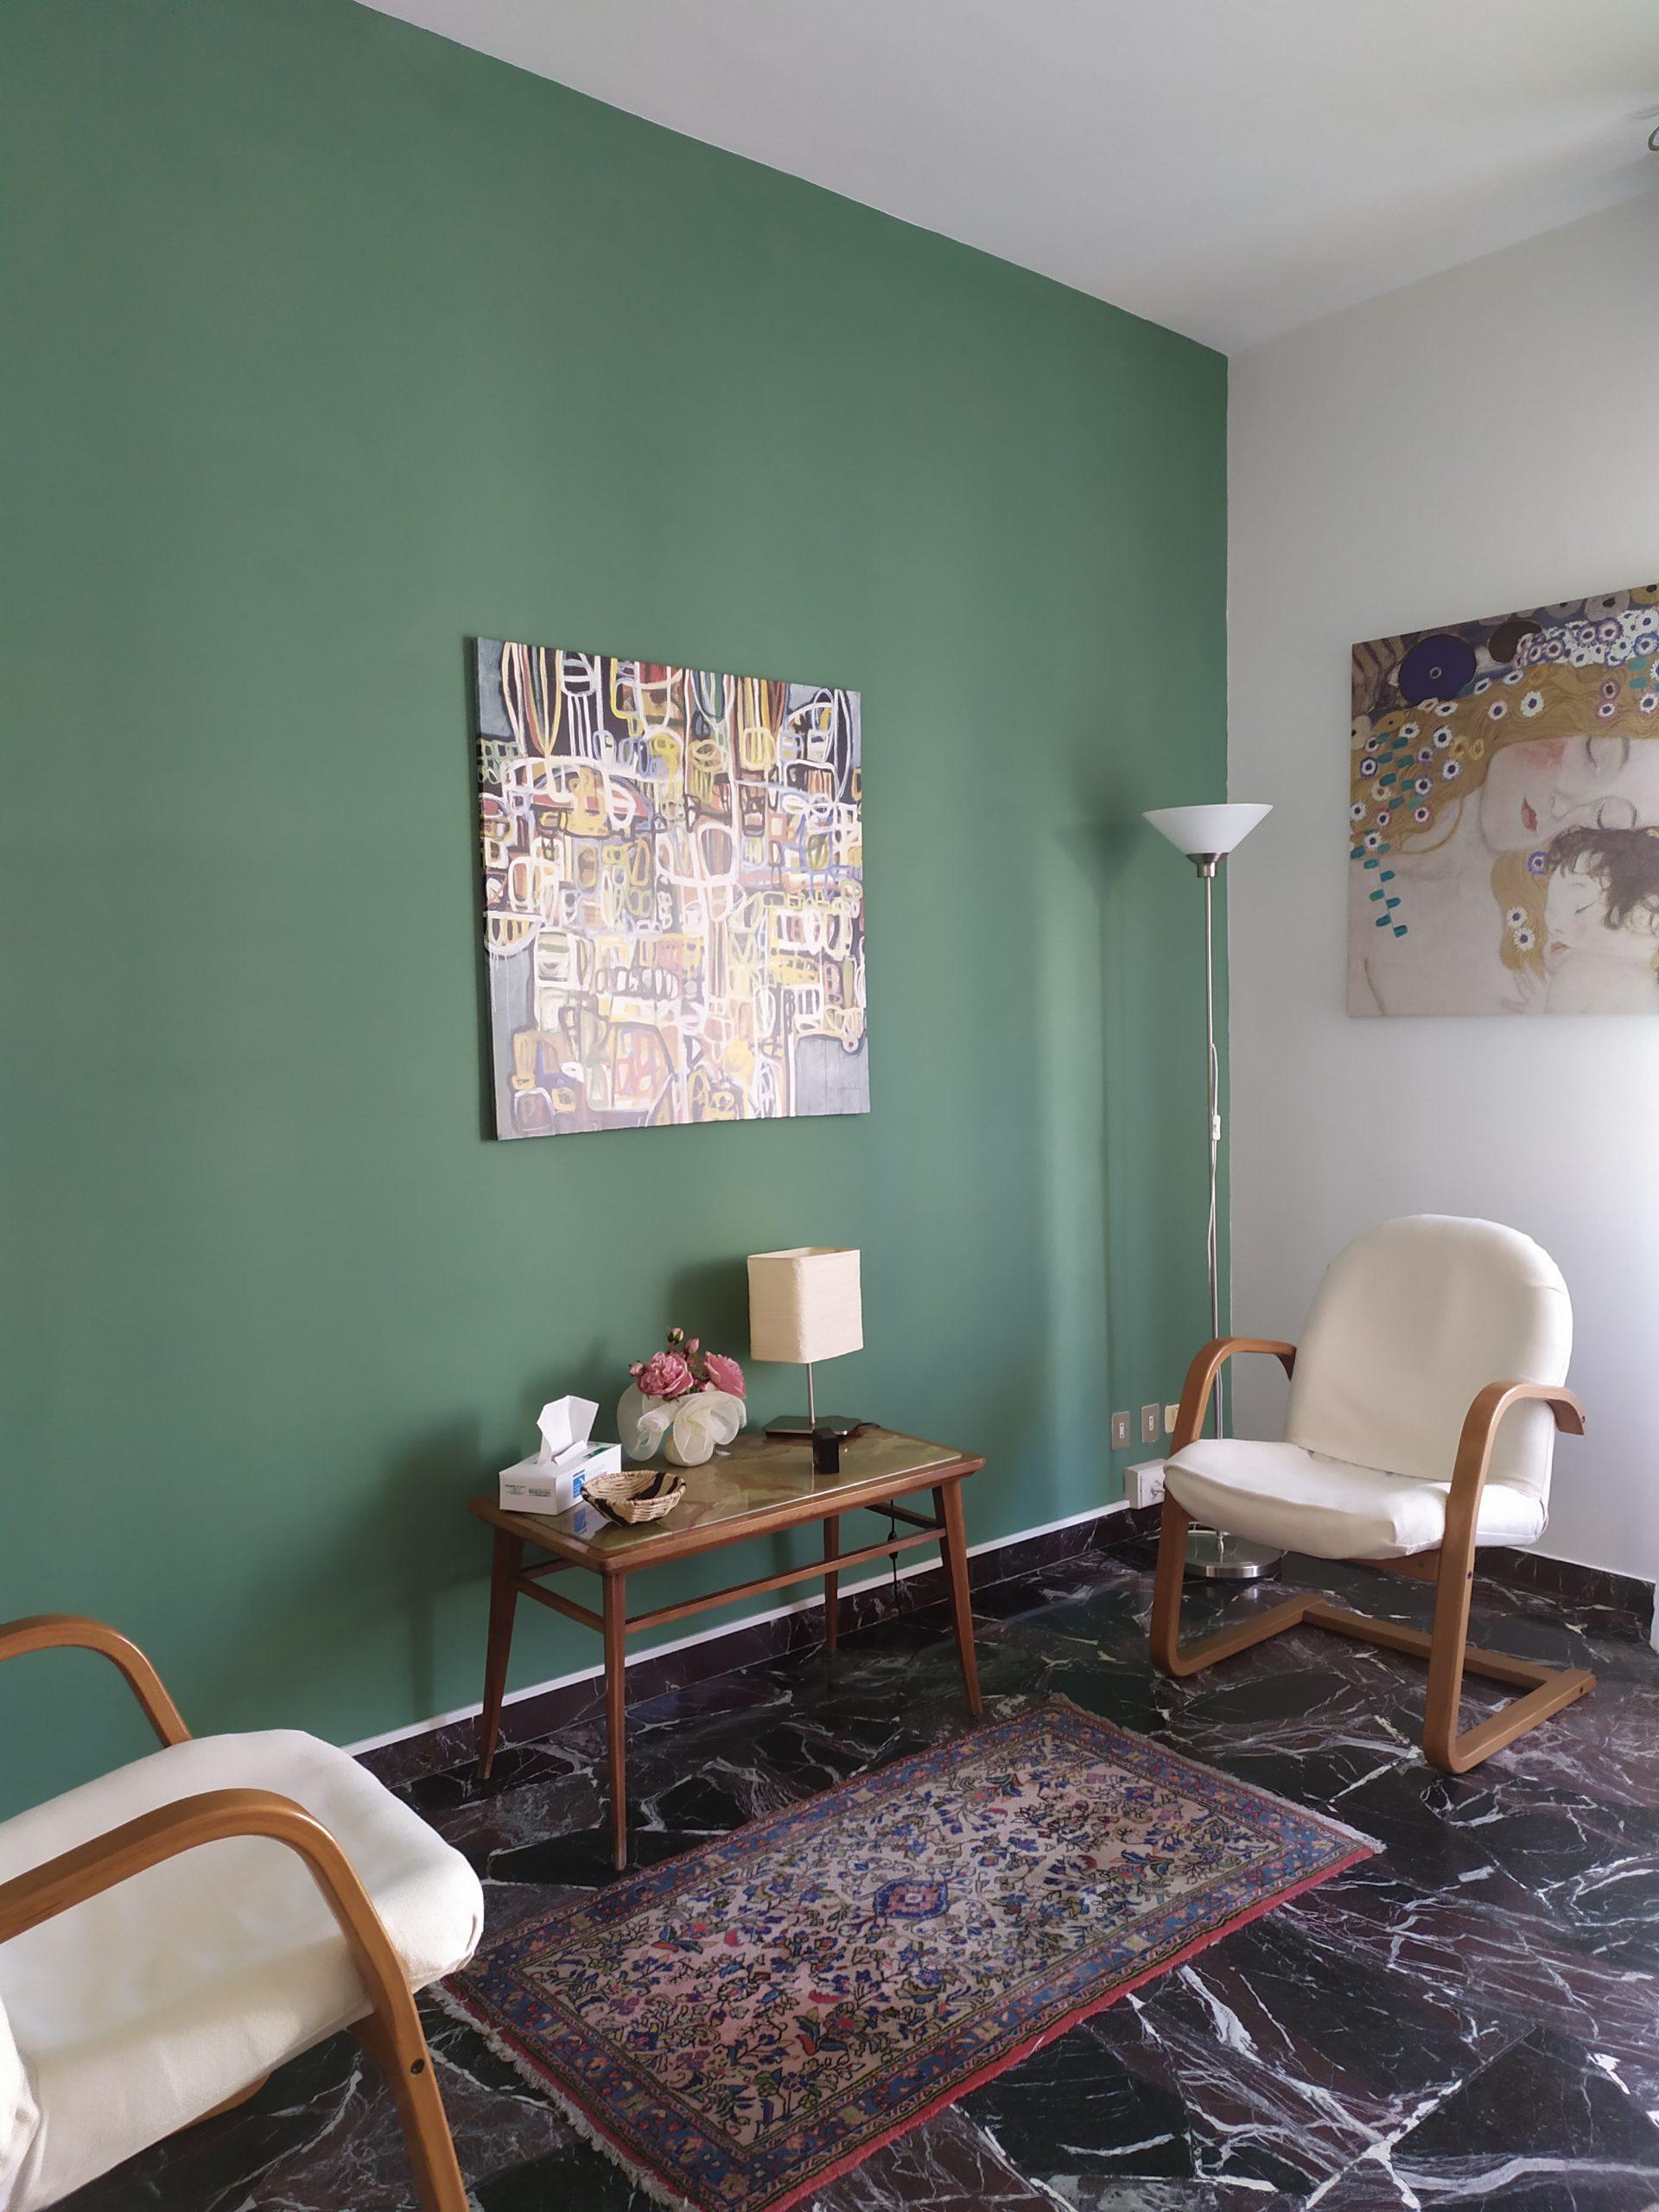 Studio-Alessandro-Garuglieri-Daniela-Giovannini-Mario-Mazzetti-Firenze-Doceat